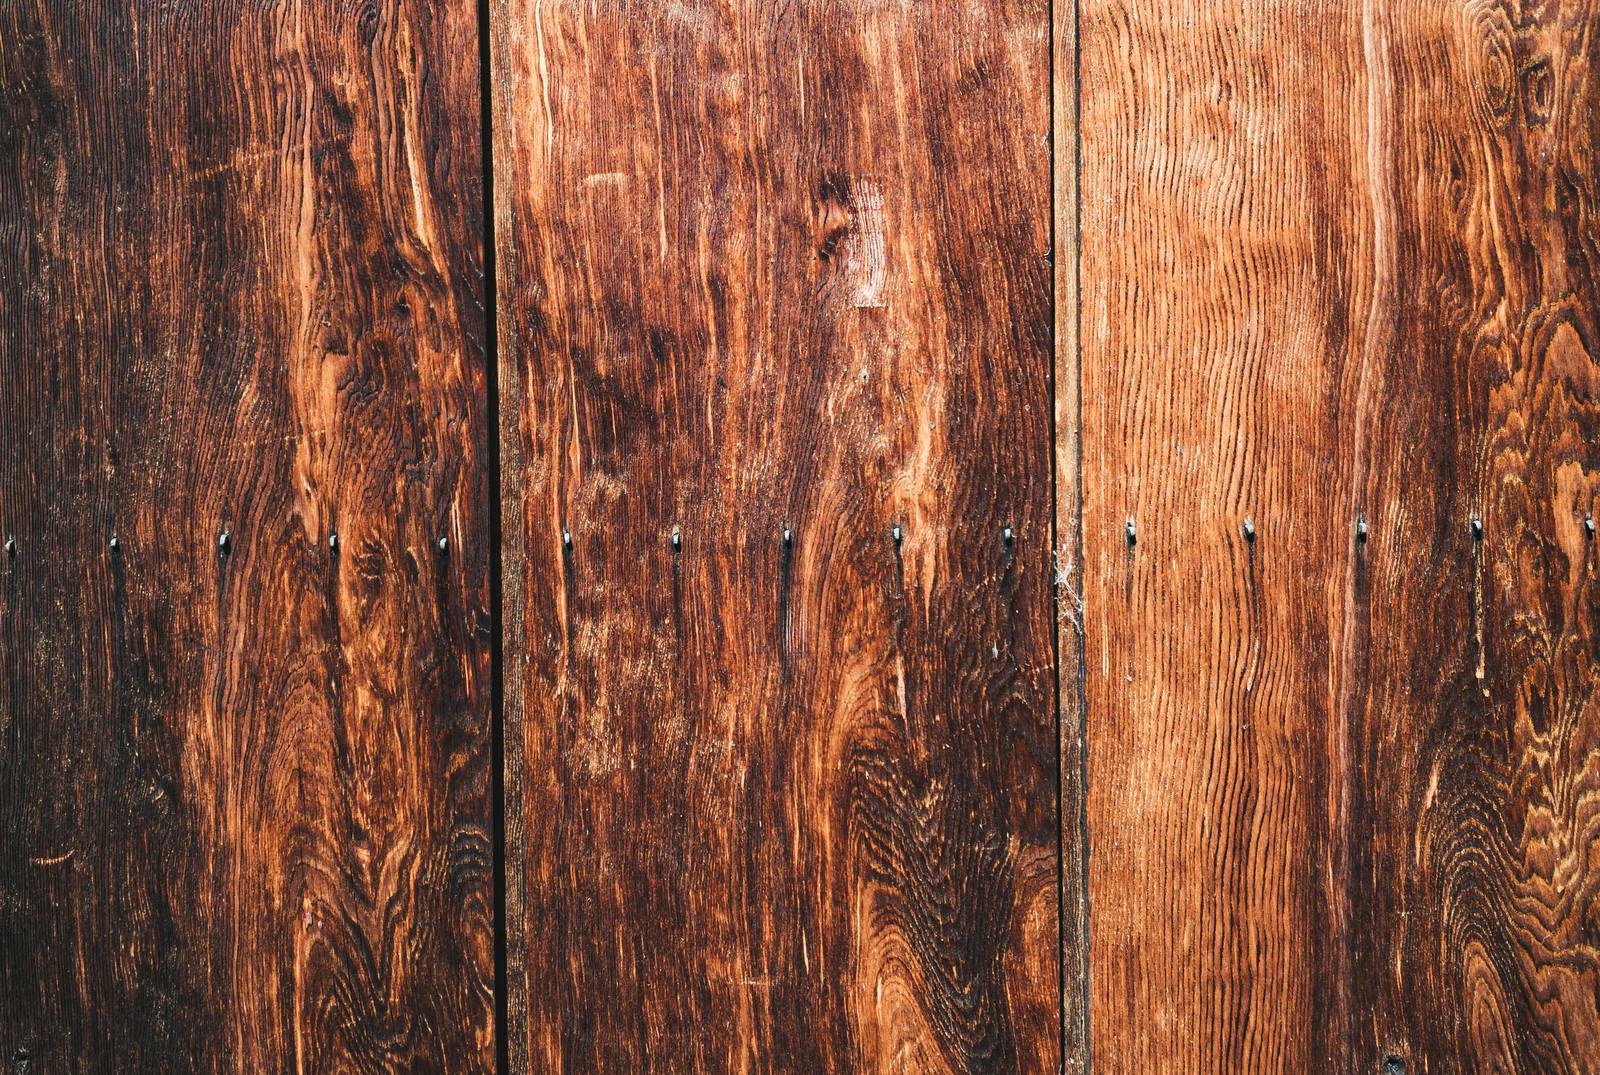 「色褪せた木目の板(テクスチャ)」の写真